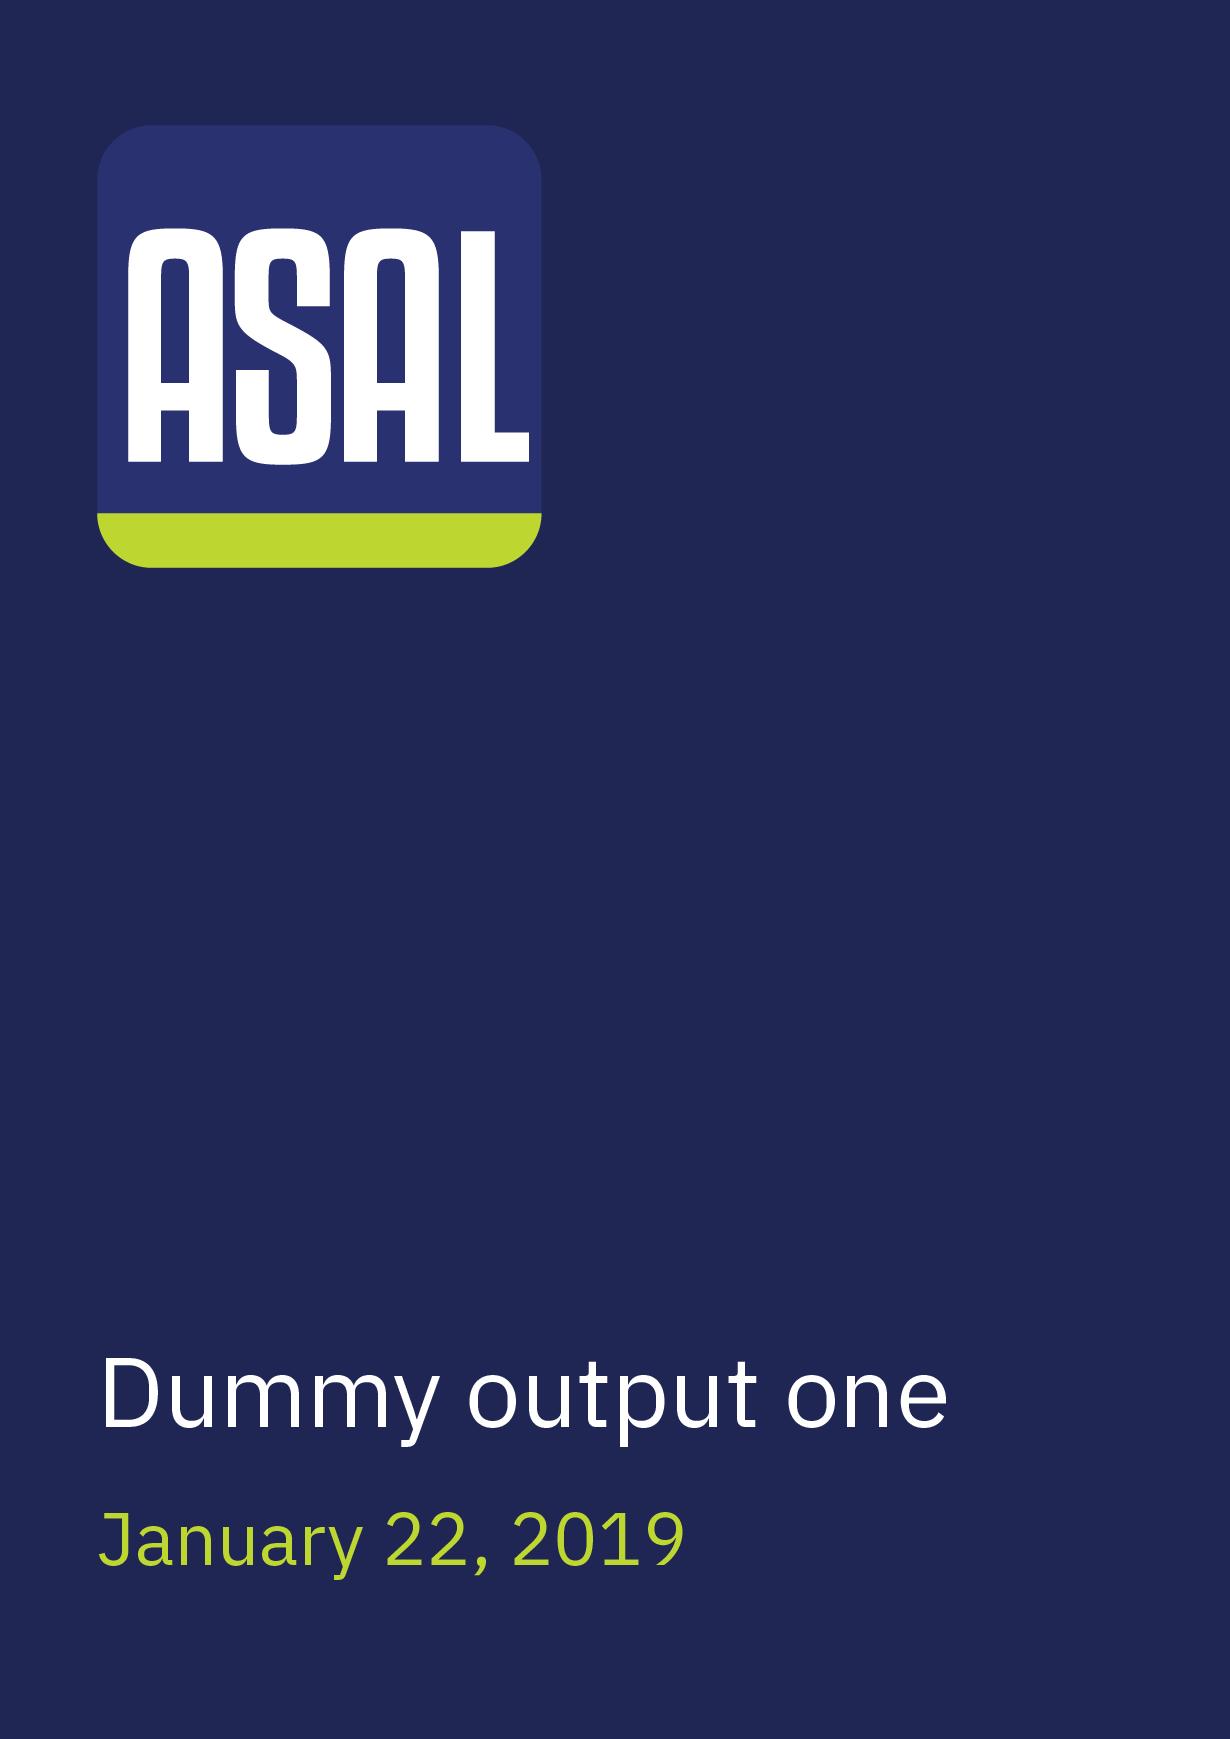 Dummy output one